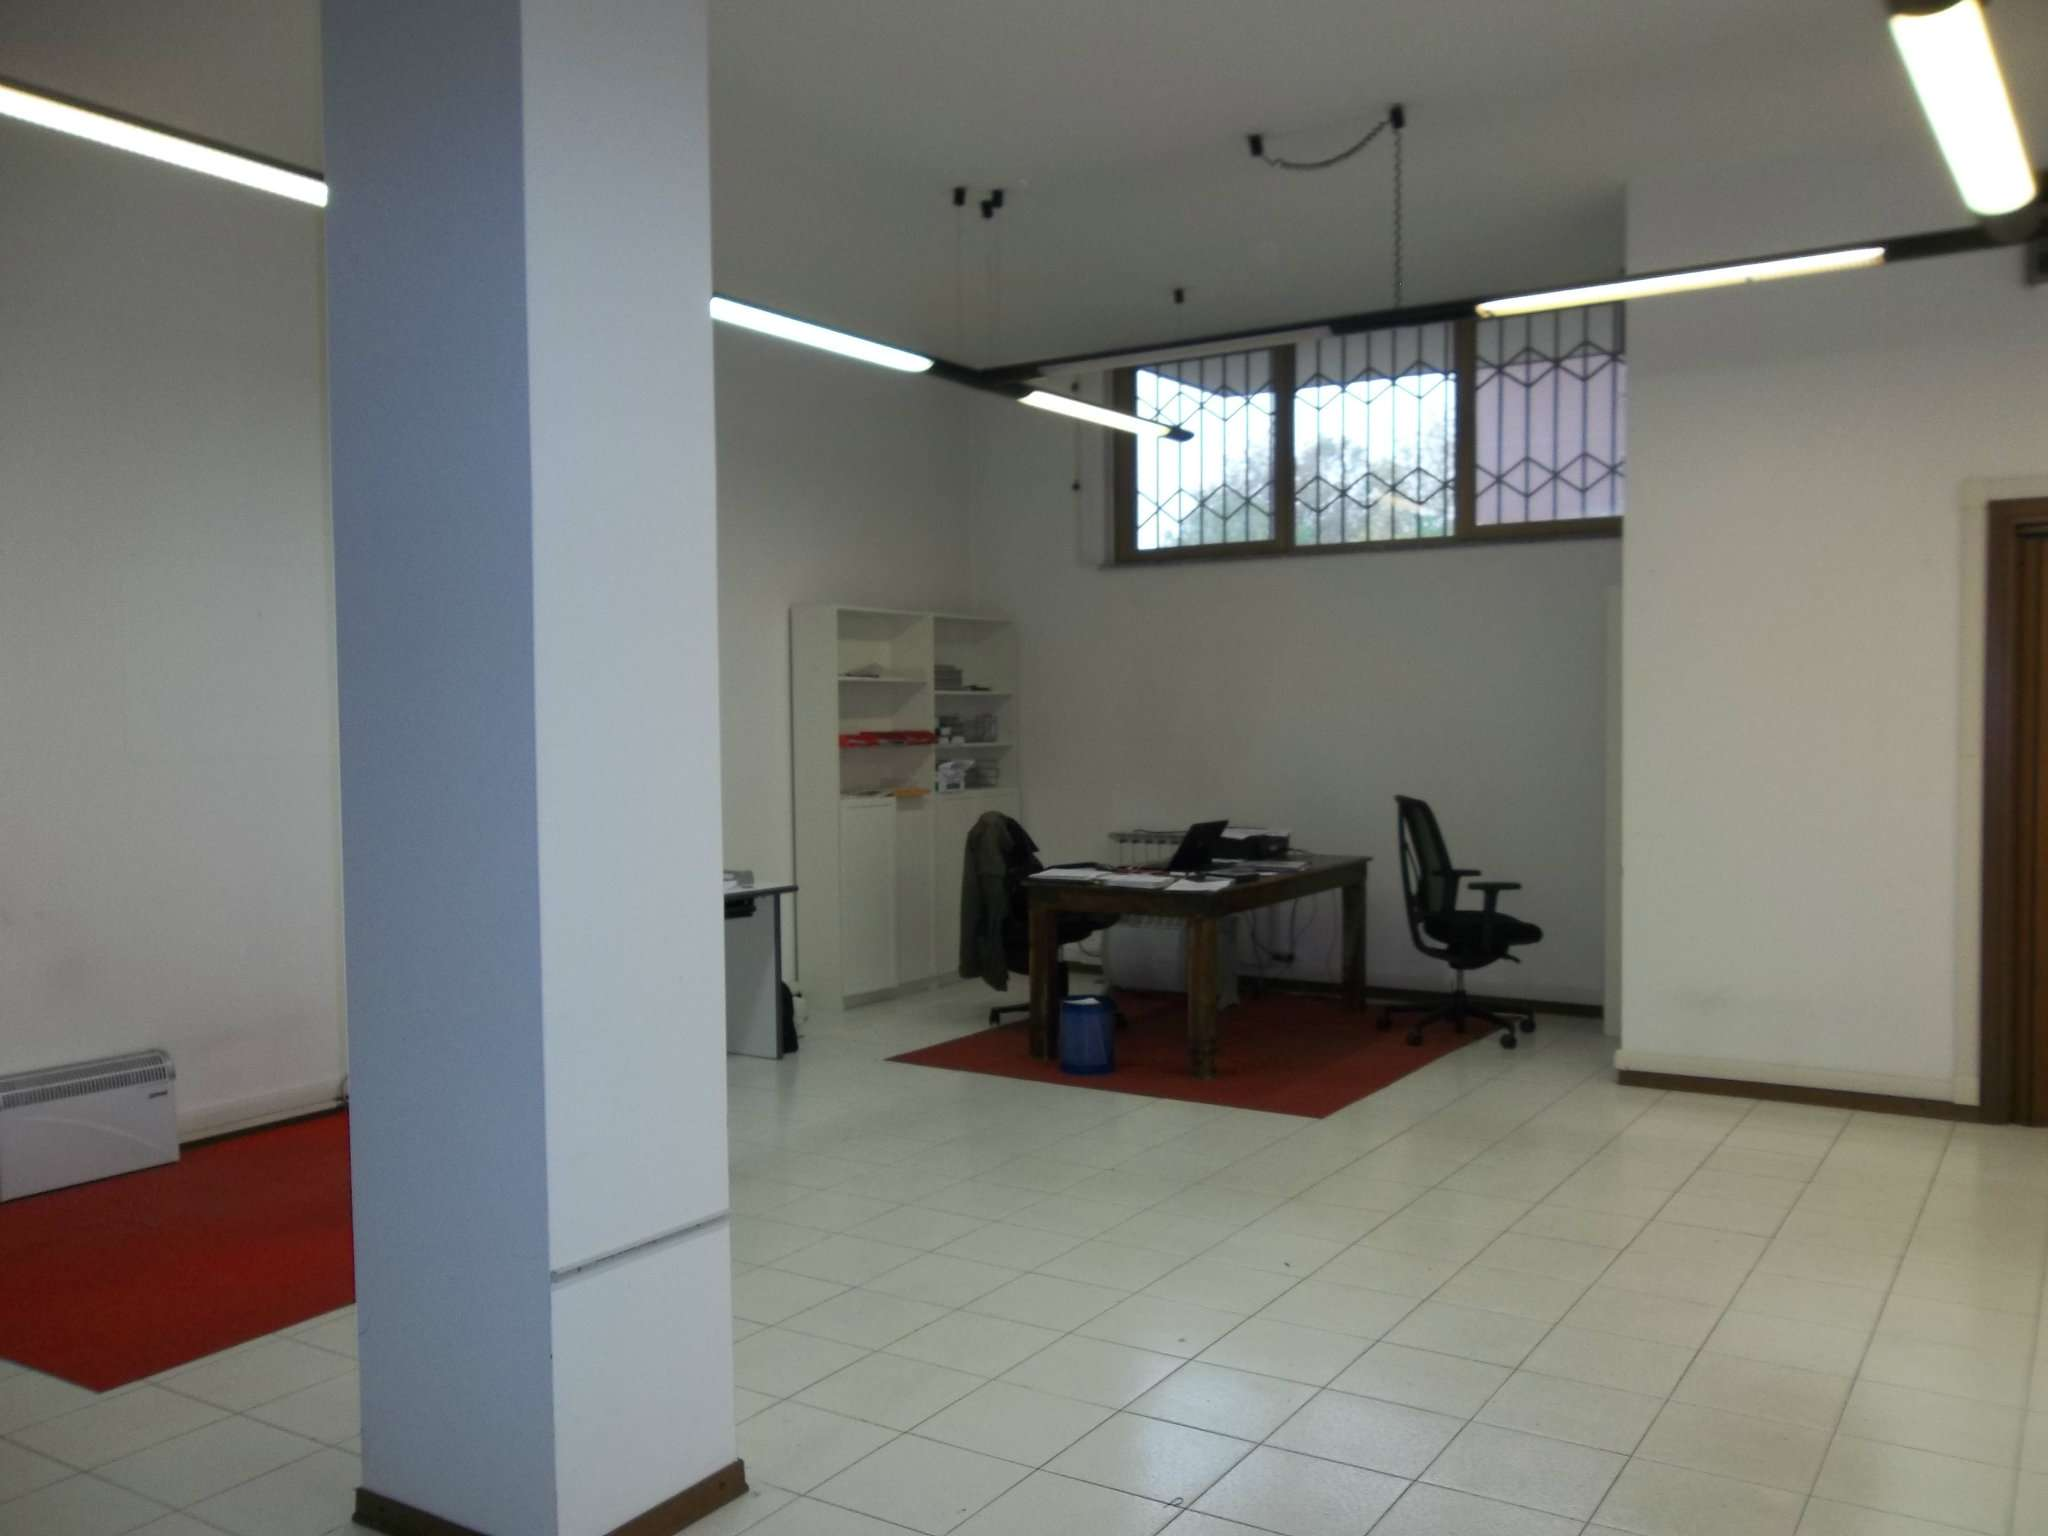 Negozio / Locale in affitto a Cormano, 1 locali, prezzo € 650 | Cambio Casa.it